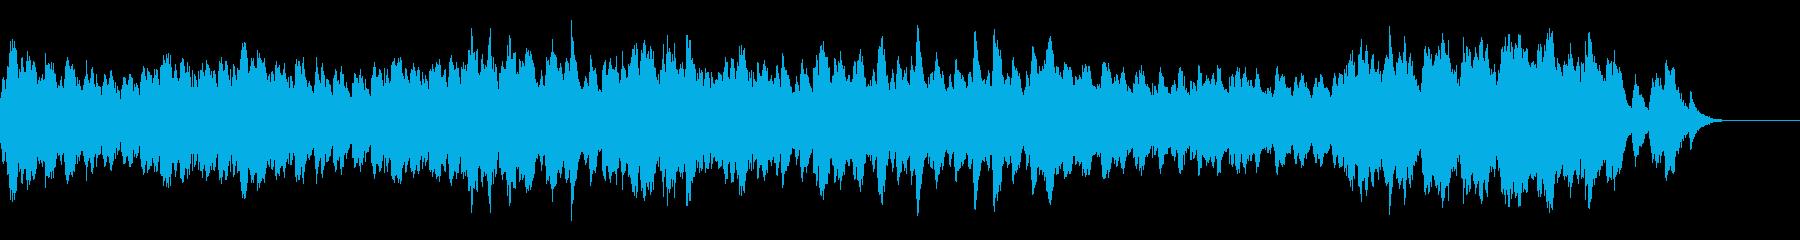 おばけの悩みのイメージ/ハロウィンの再生済みの波形